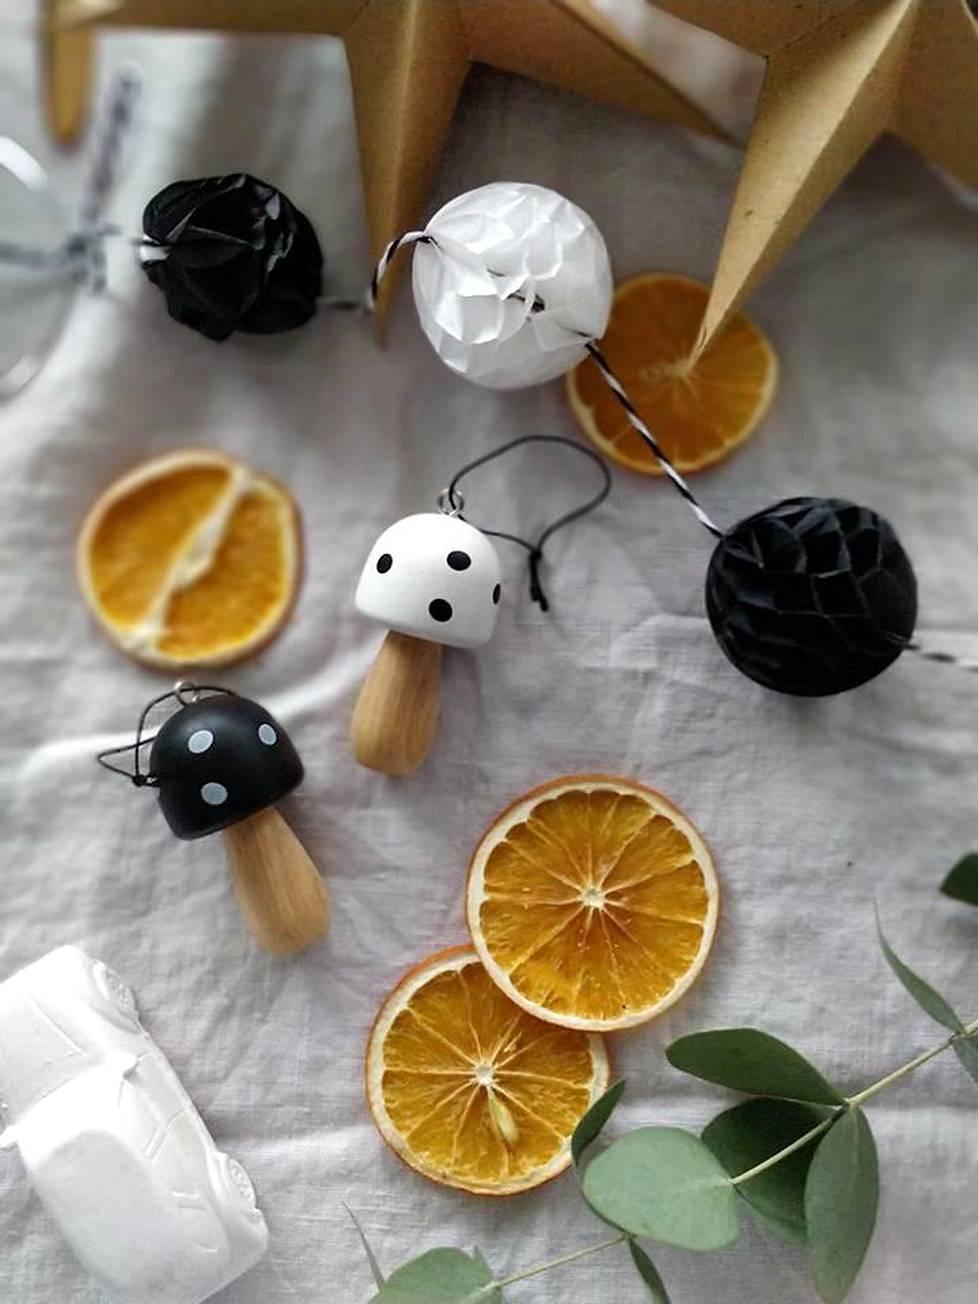 Marika Mäki-Haapoja kuluttaa joulukoristeisiin vuosittain noin 50-100 euroa. Suurimman osan koristeista hän löytää kirpputoreilta.